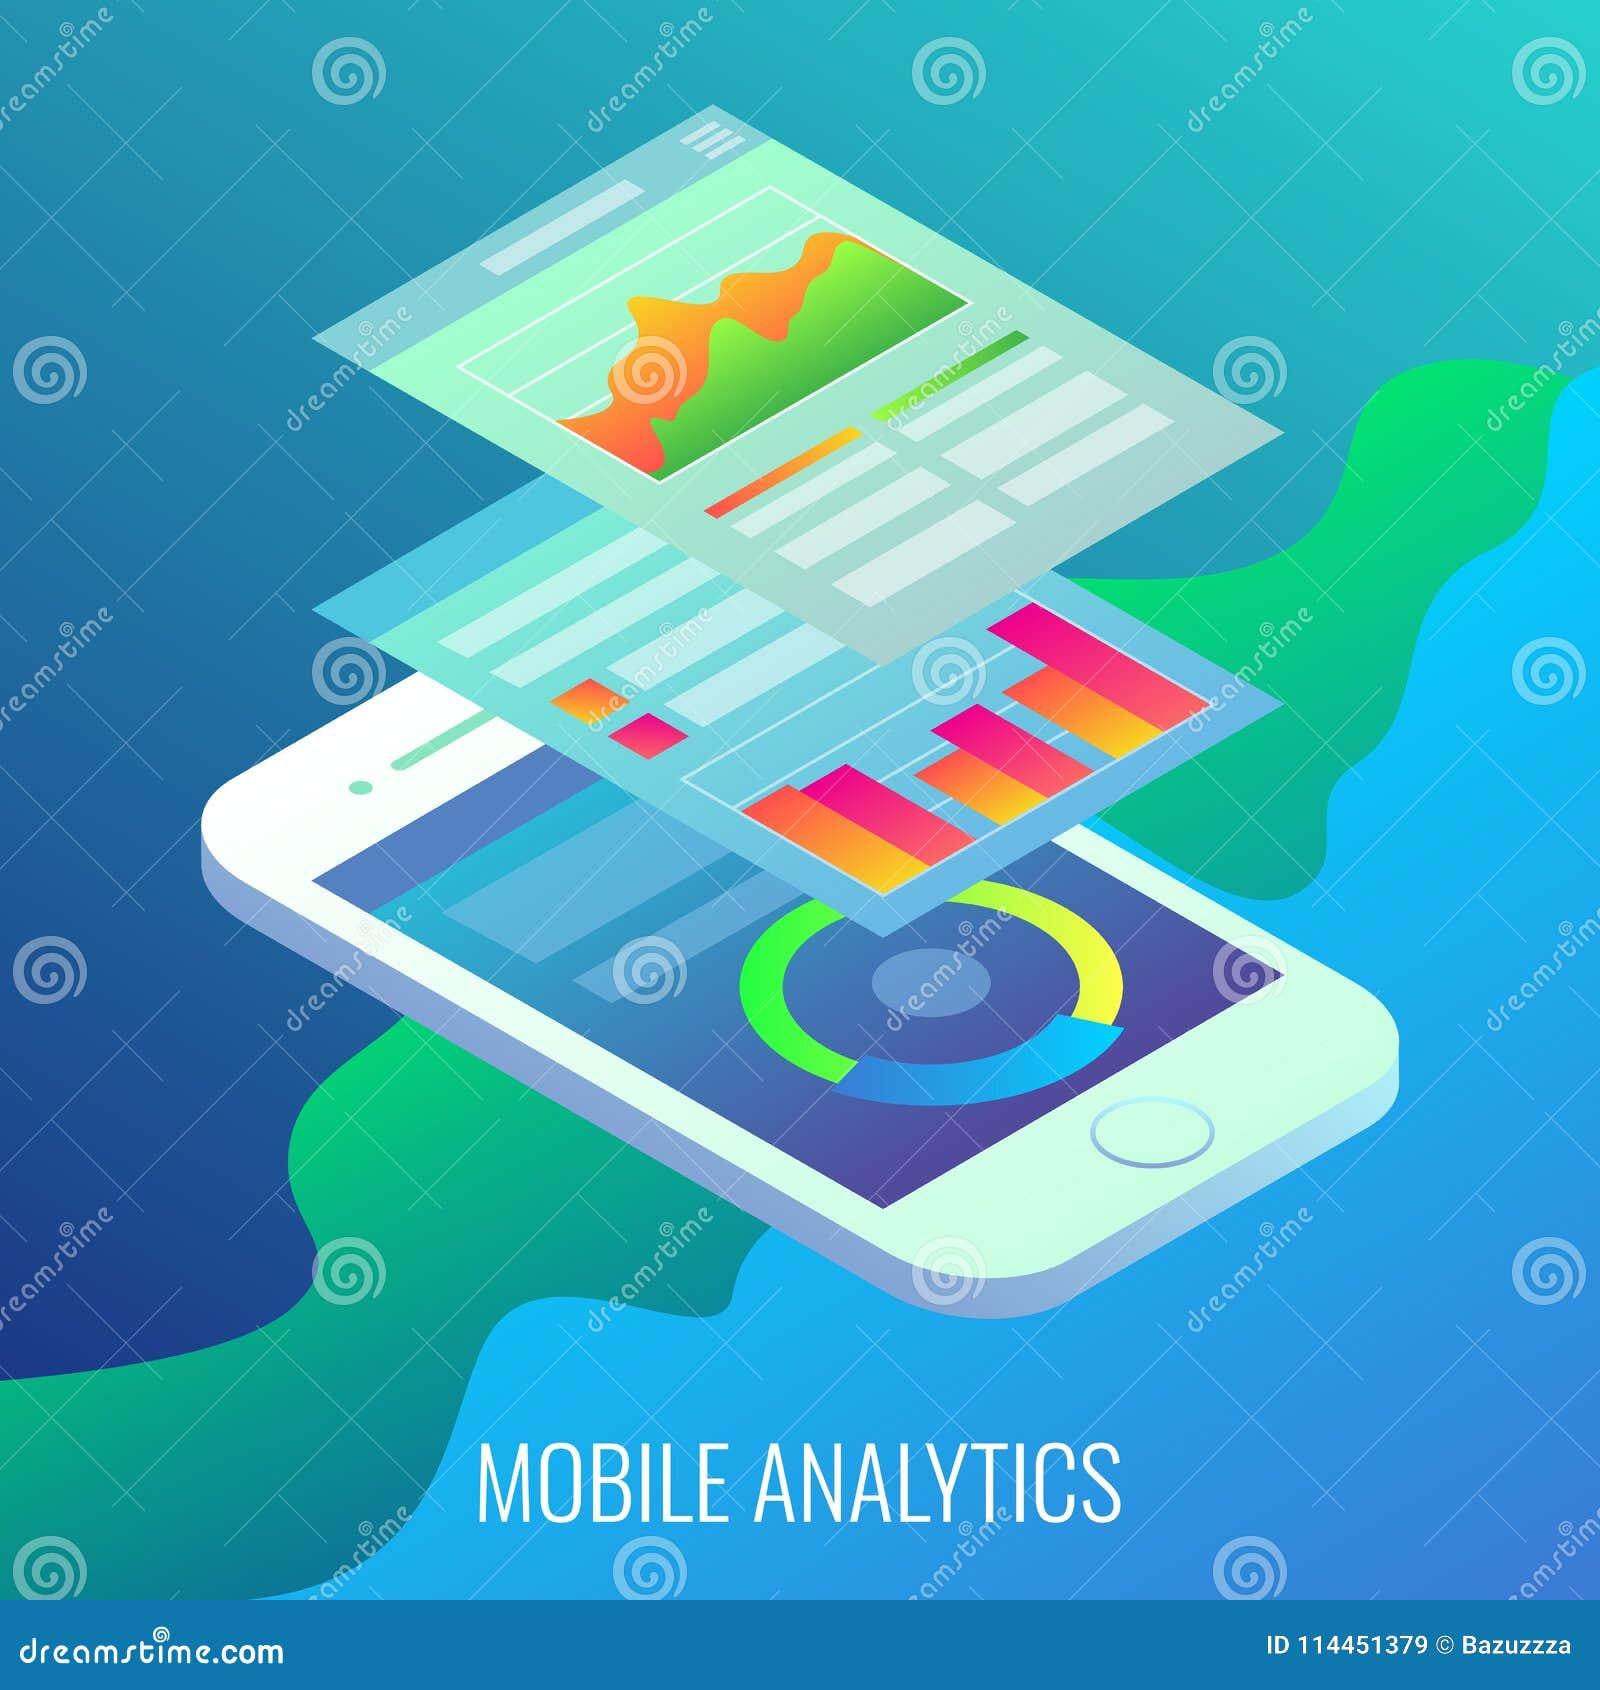 Mobilnego analityki pojęcia wektorowa płaska isometric ilustracja